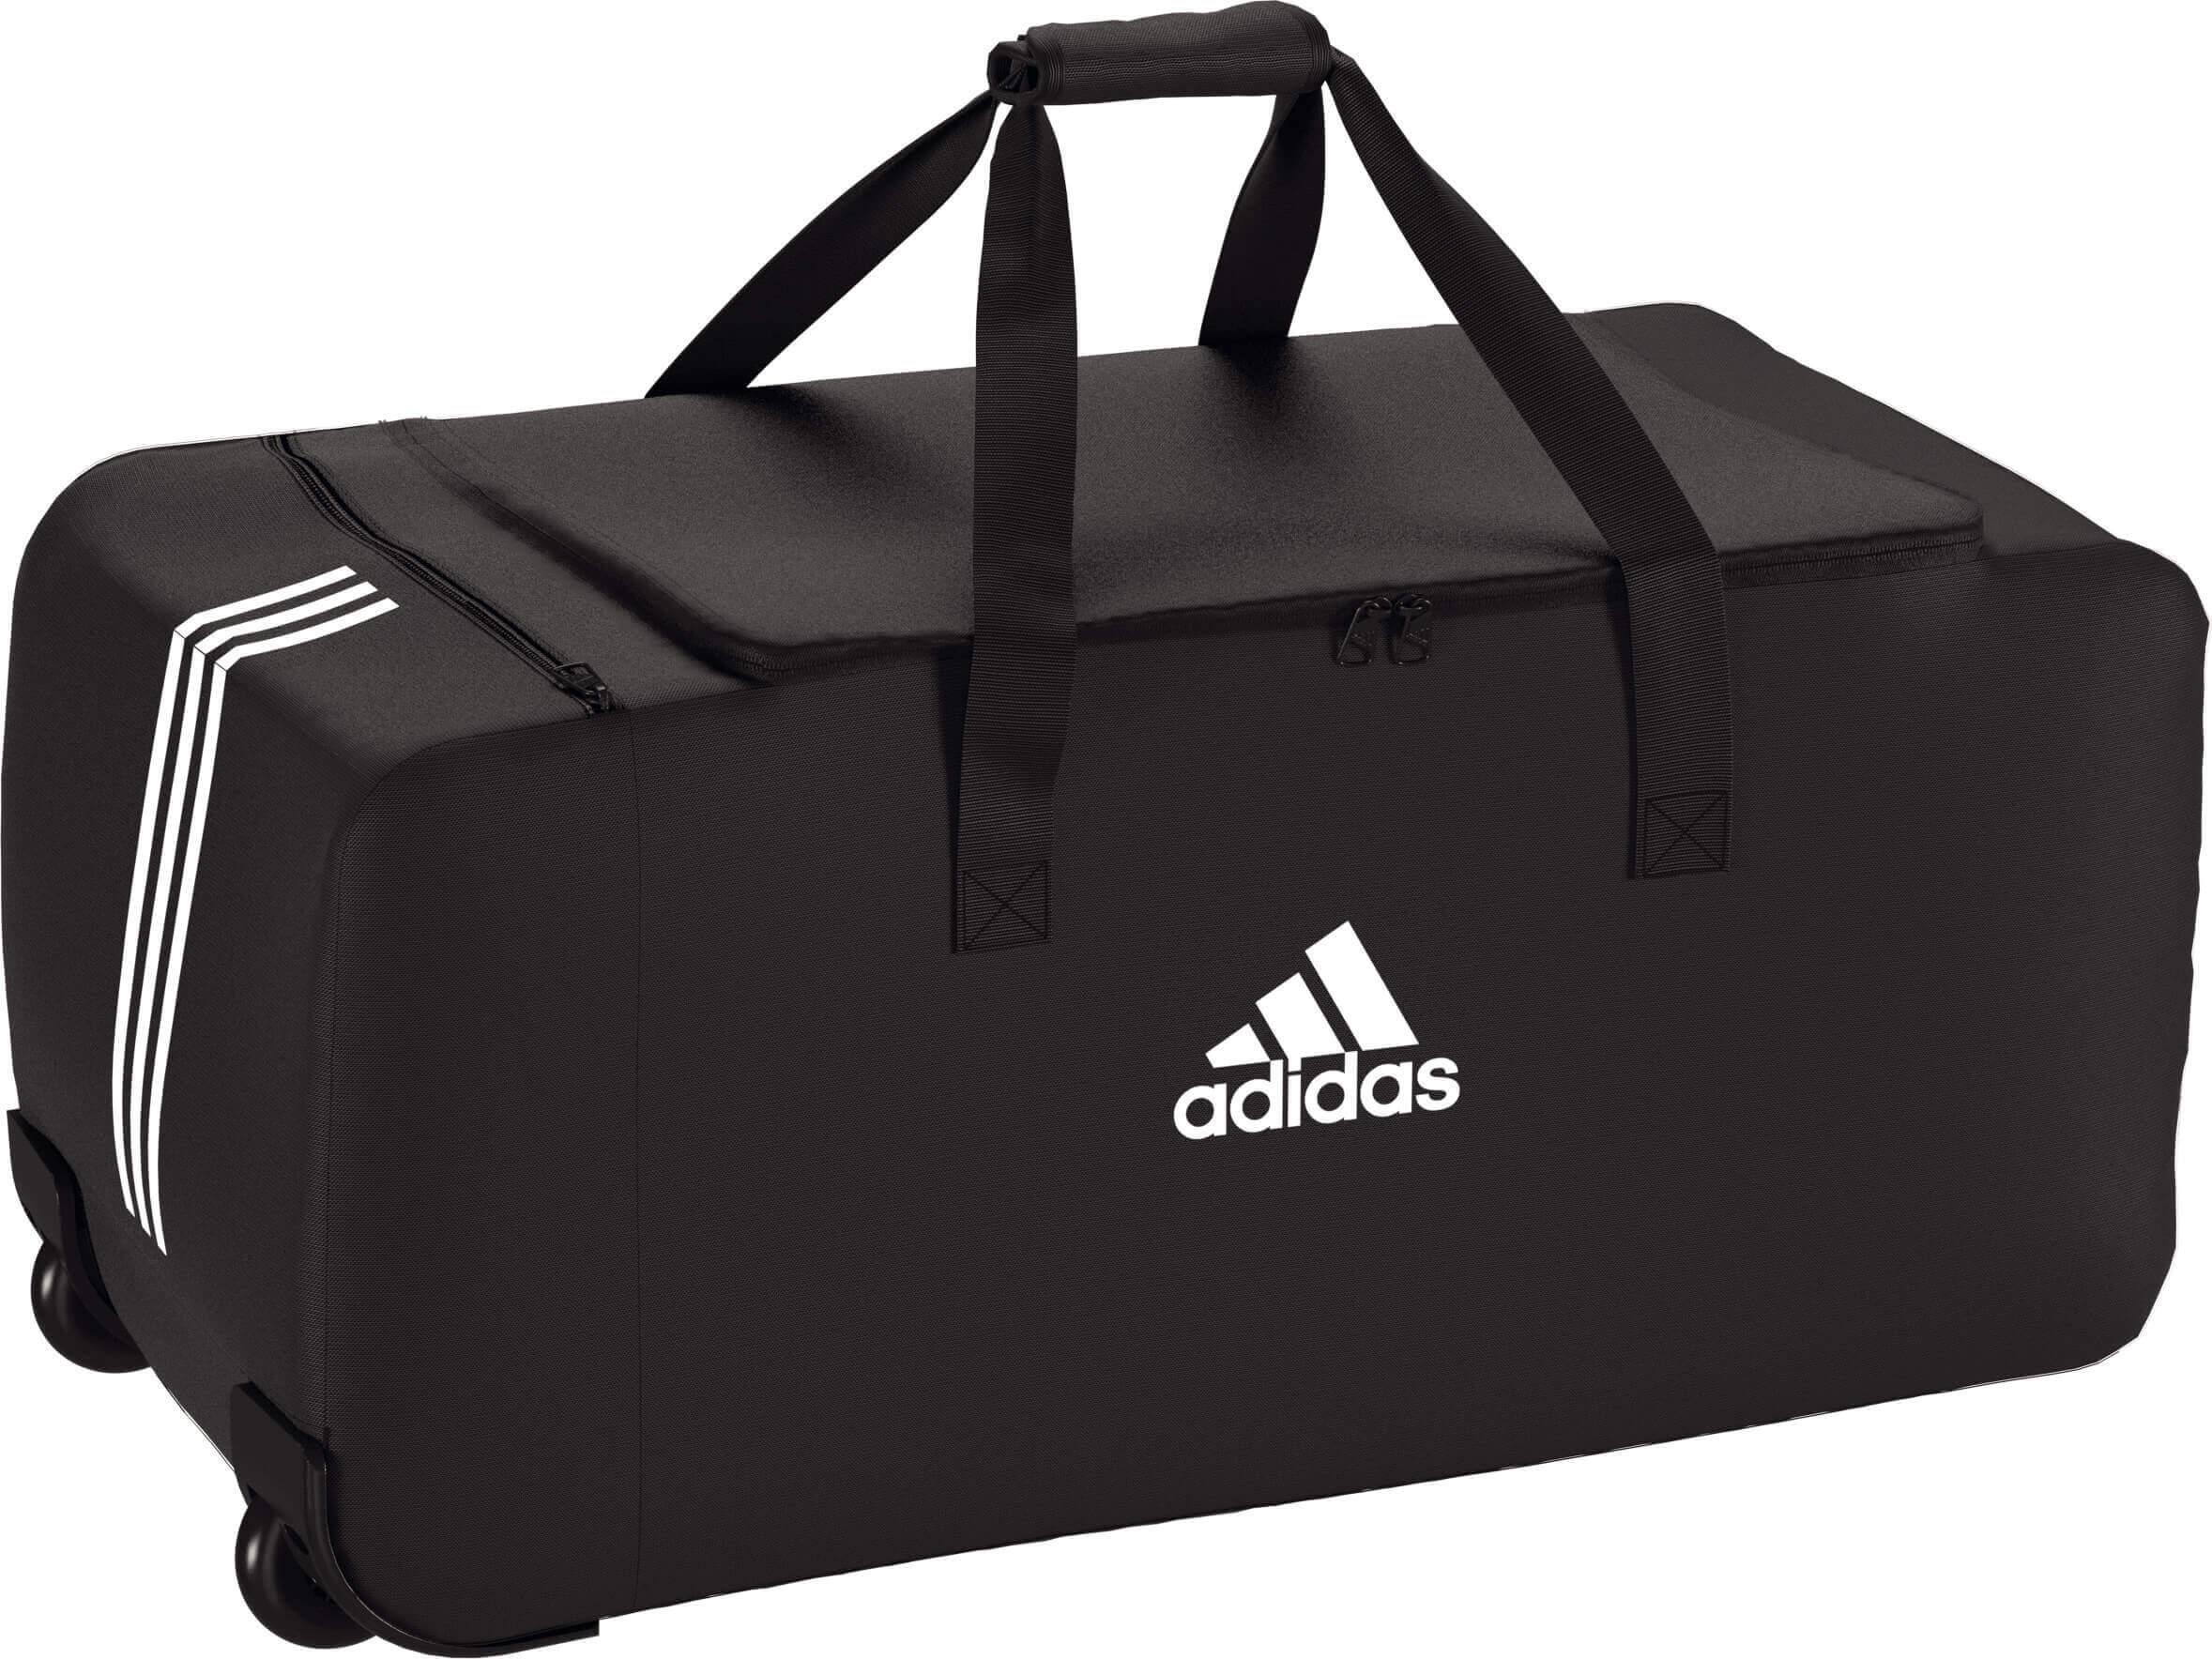 adidas Tiro 19 Trolley XL mit Rollen schwarz